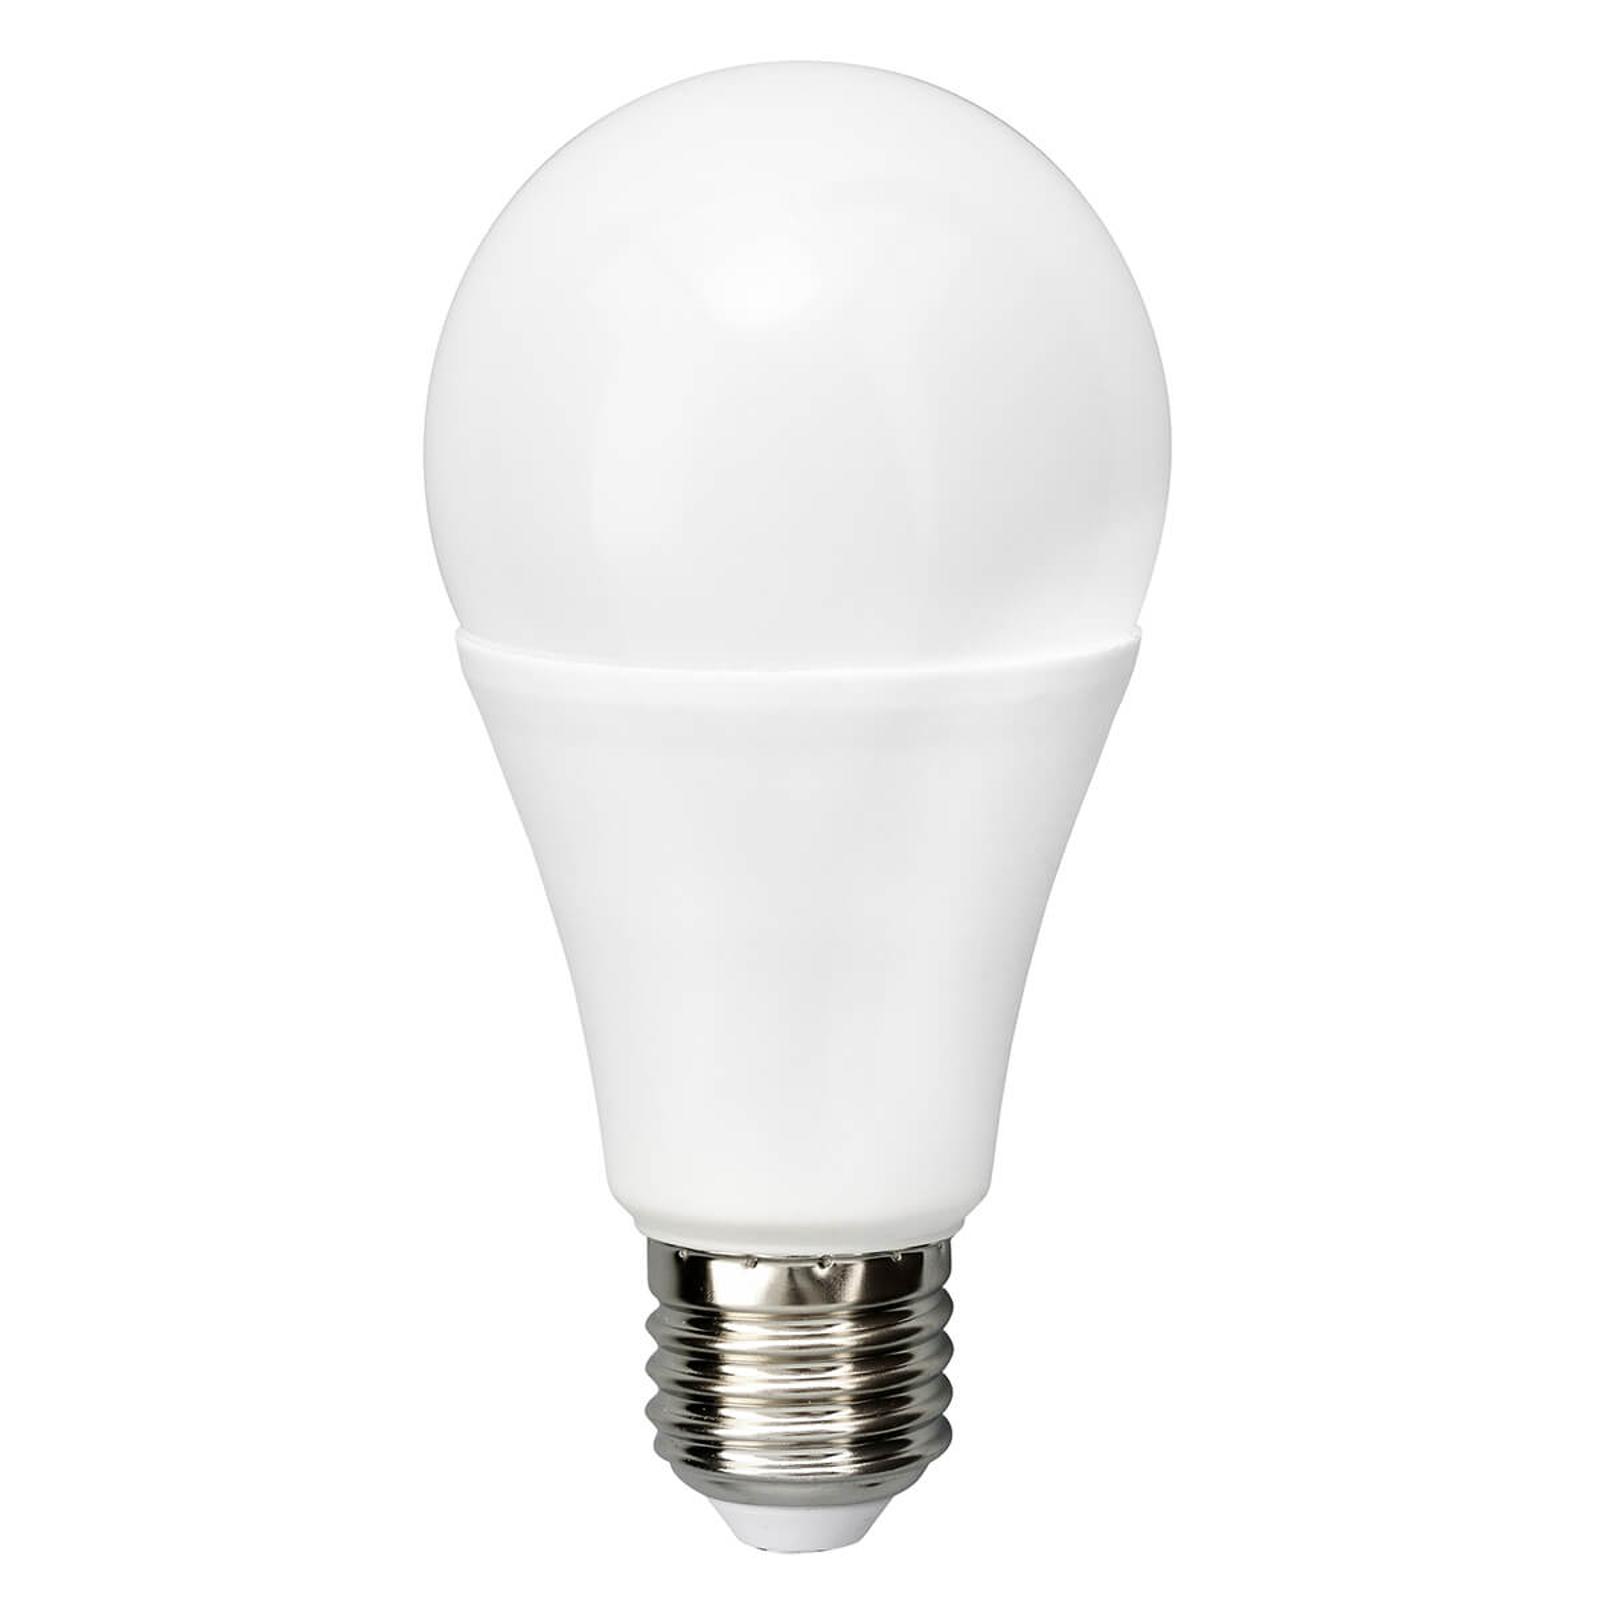 Acquista E27 20W 827 lampadina LED satinata